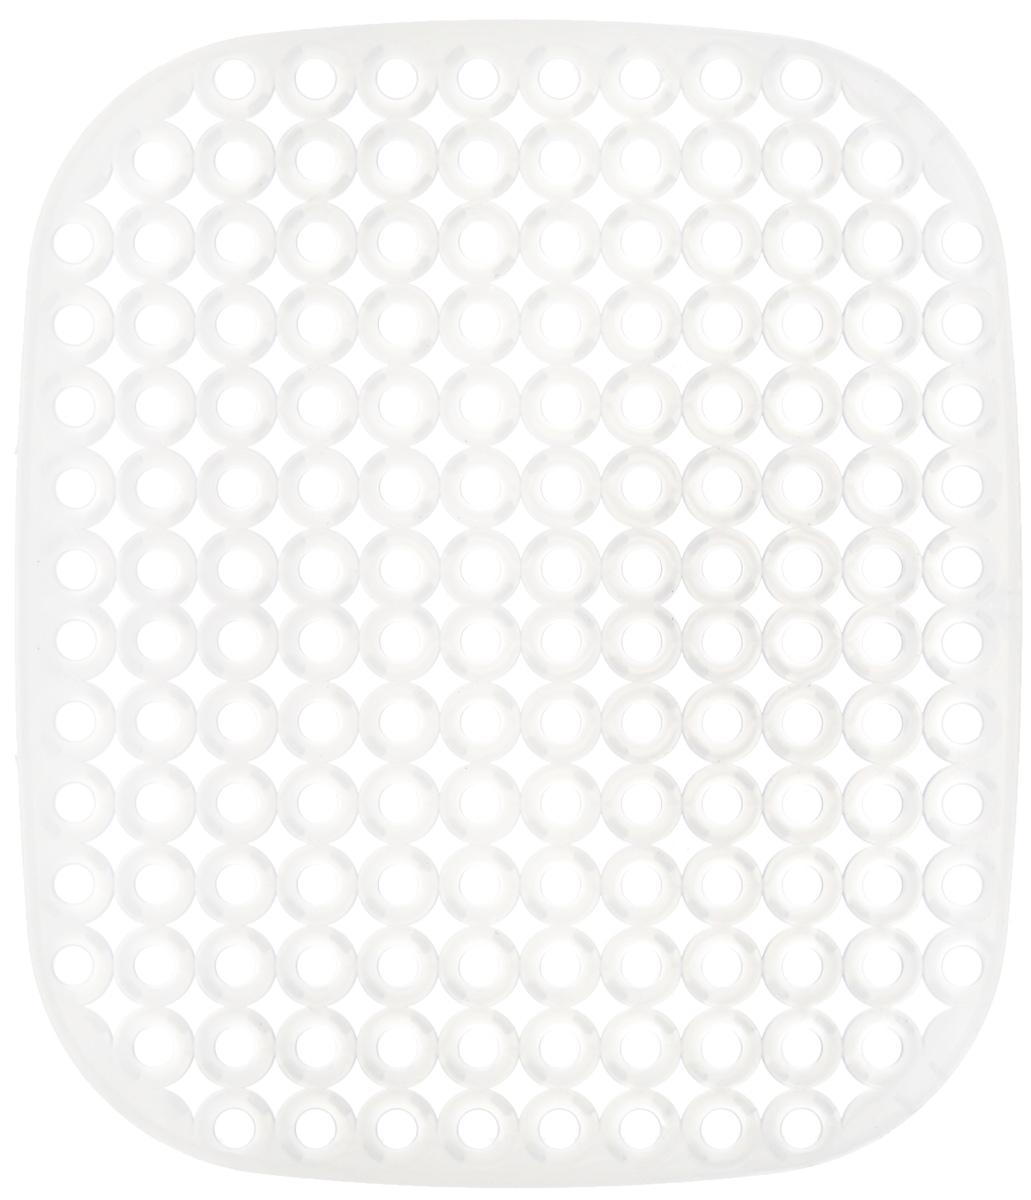 Коврик для раковины Tescoma Clean Kit, цвет: полупрозрачный, 32 х 28 см900638_полупрозрачныйСтильный и удобный коврик для раковины Tescoma Clean Kit выполнен из пластика. Он одновременно выполняет несколько функций: украшает, защищает мойку от царапин и сколов, смягчает удары при падении посуды в мойку, препятствует разбрызгиванию струи воды. Коврик также можно использовать для сушки посуды, фруктов и овощей. Нельзя мыть в посудомоечной машине.